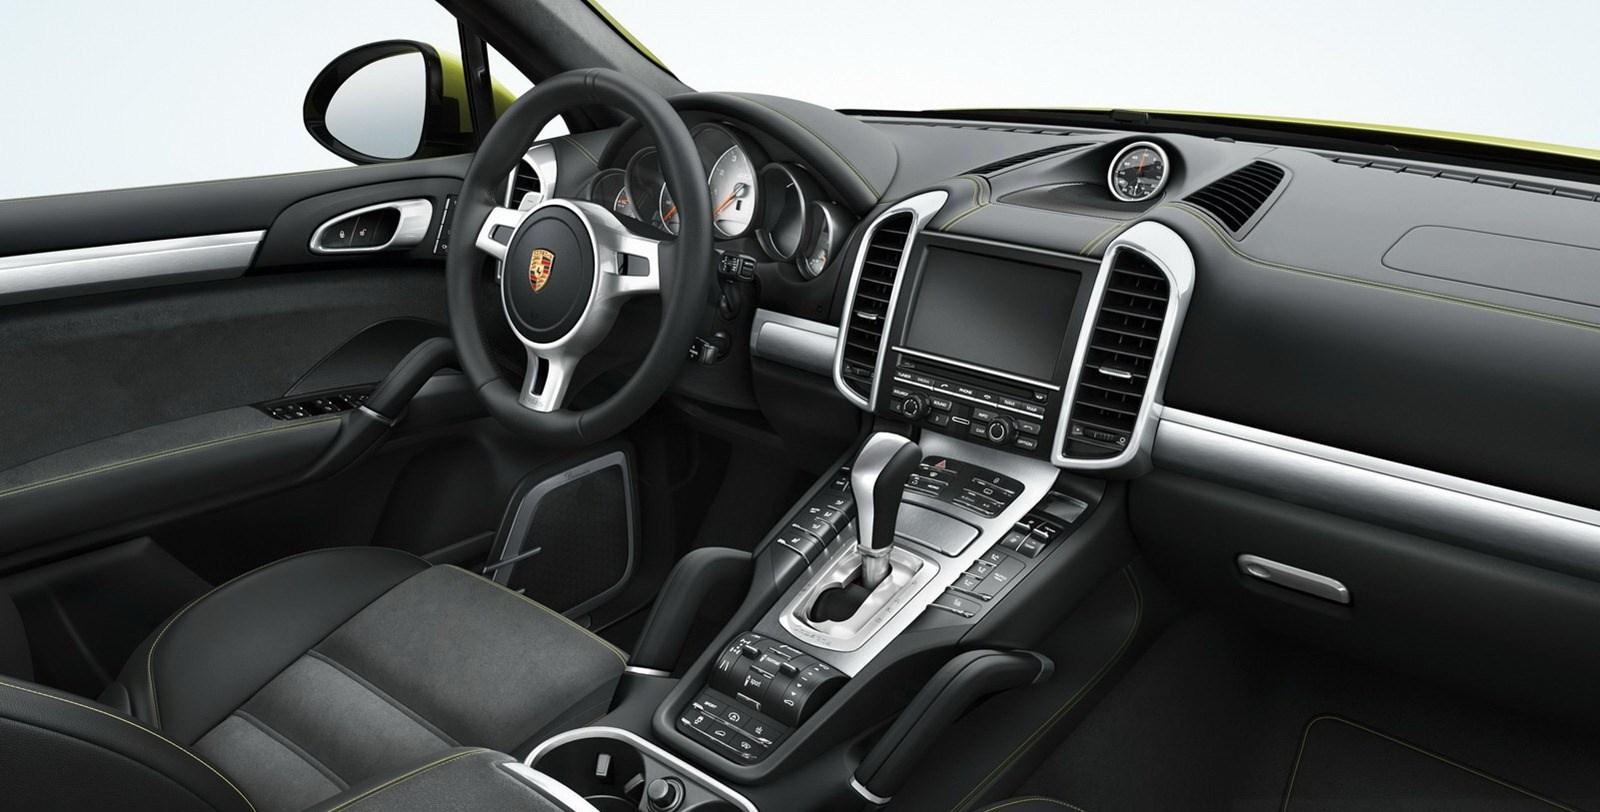 New Car Review 2013 Porsche Cayenne Gts